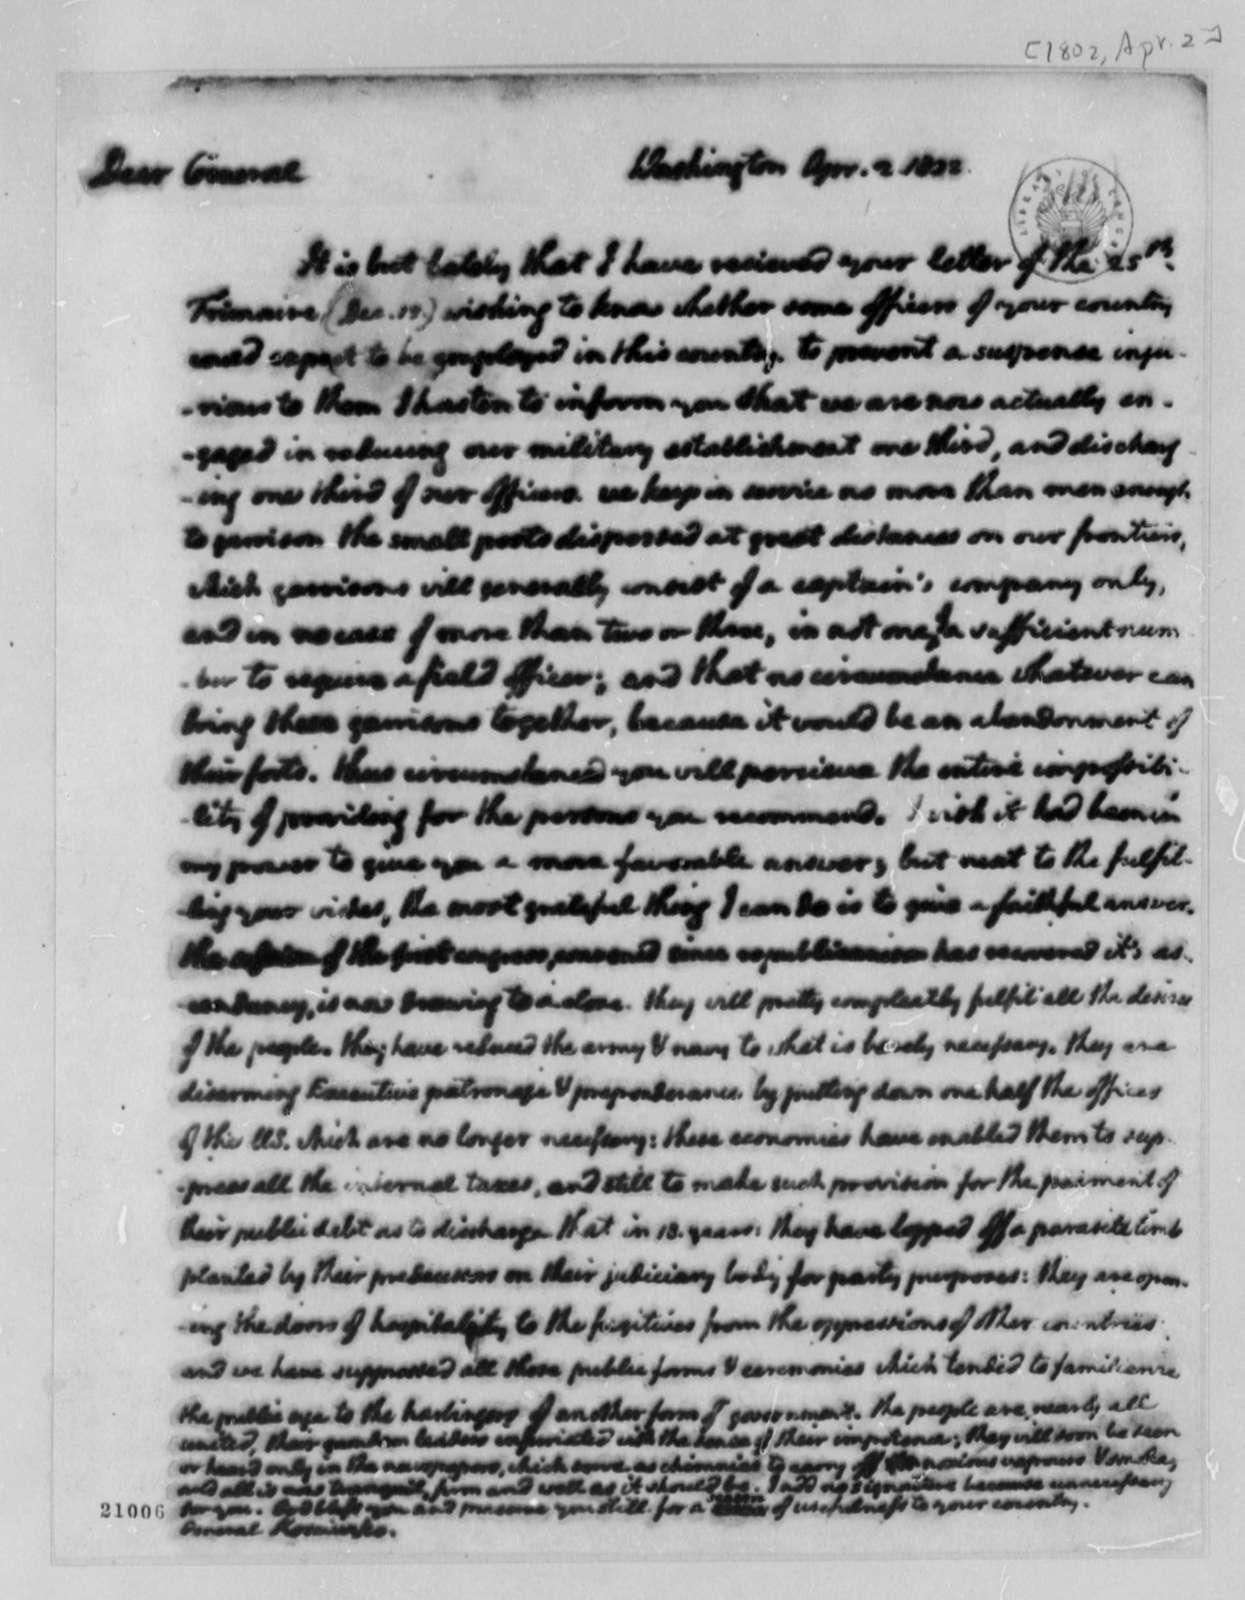 Thomas Jefferson to Thaddeus Kosciuszko, April 2, 1802